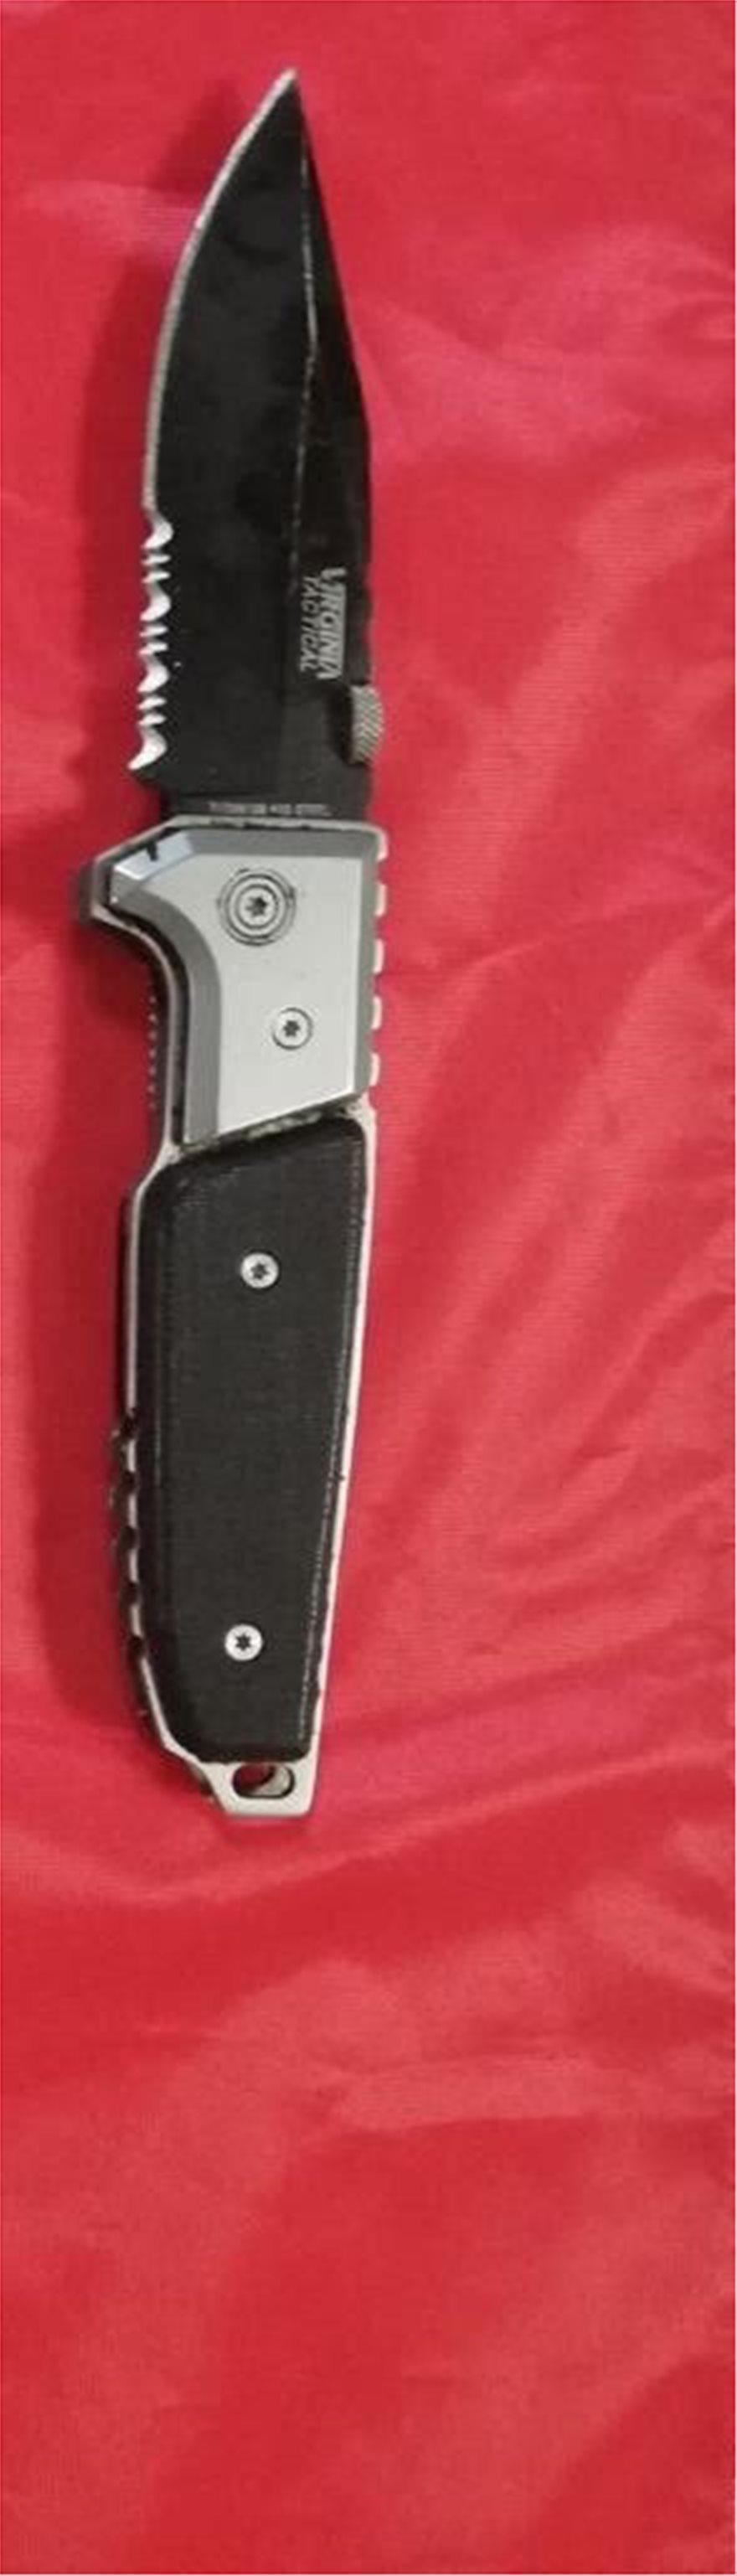 Στα χέρια της αστυνομίας 35χρονος που είχε στην τσάντα του μαχαίρι 10 εκατοστών - Φωτογραφία 2